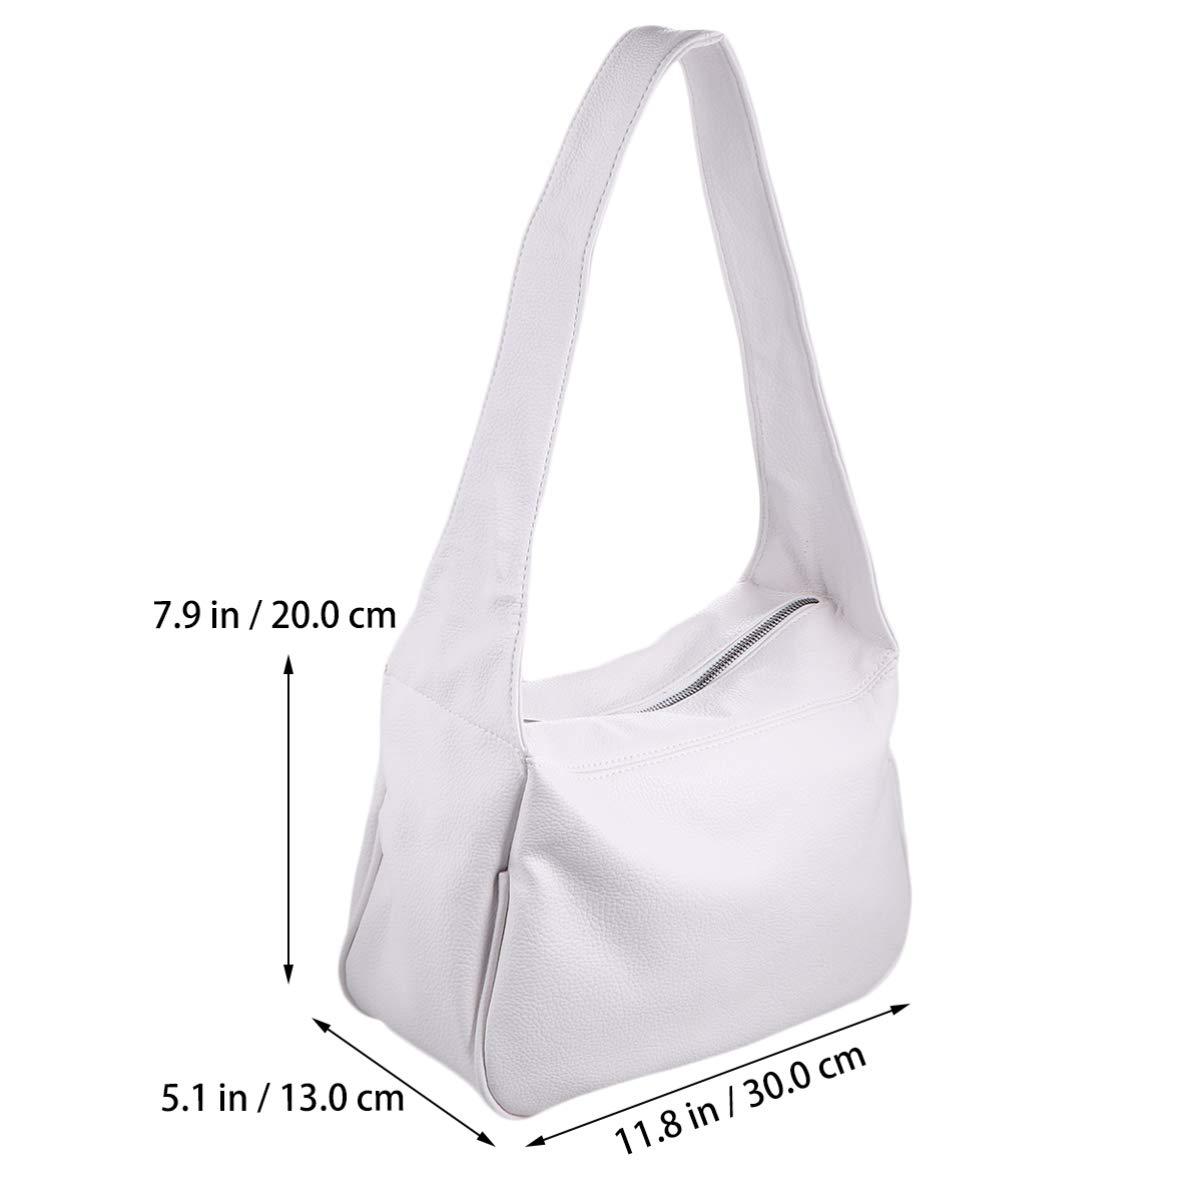 PRETYZOOM PU-läder axelväska matchande handväska stor kapacitet mode ficka bok handväska för resor shopping utomhus (vit) Vitt